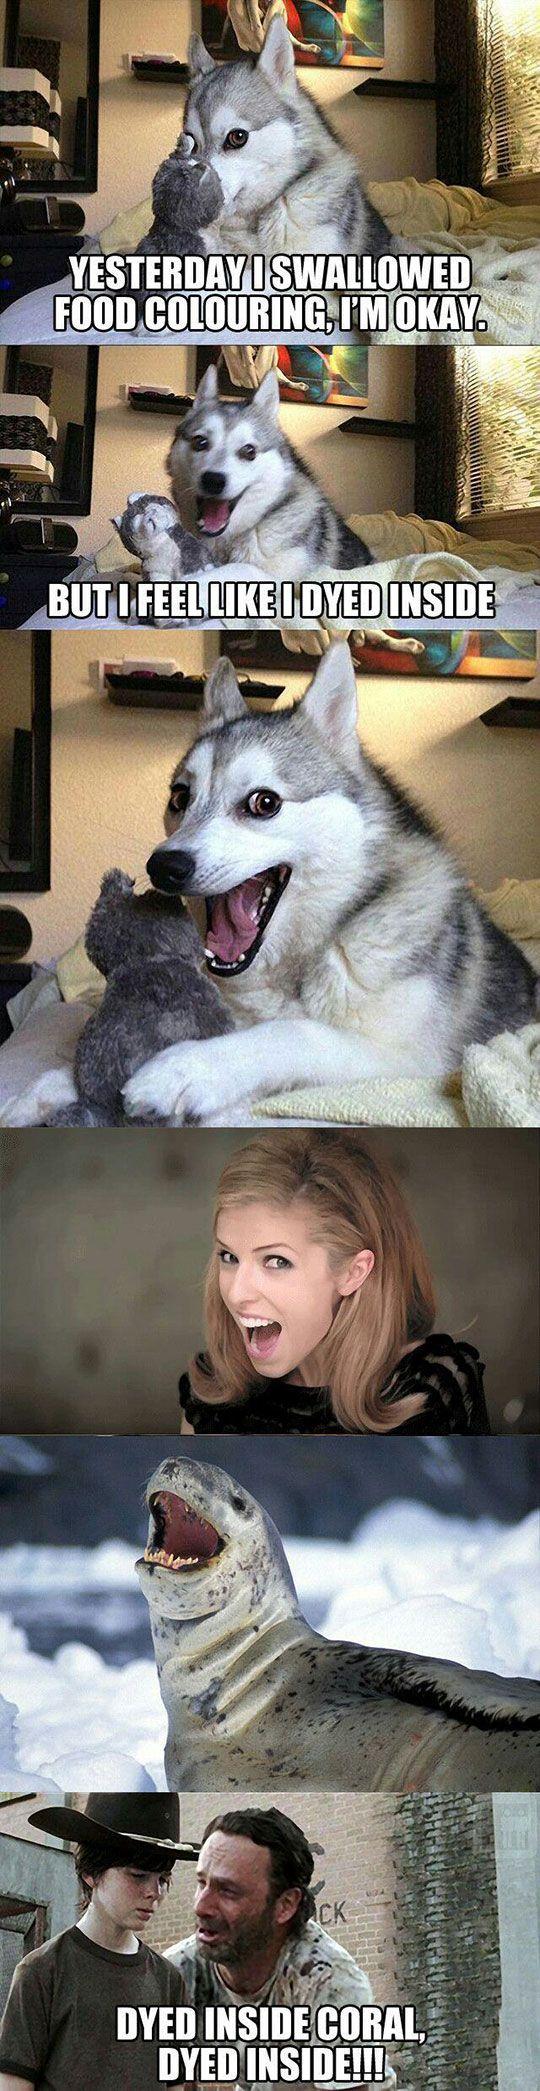 Really Funny Meme Jokes : Best meme images on pinterest funny photos